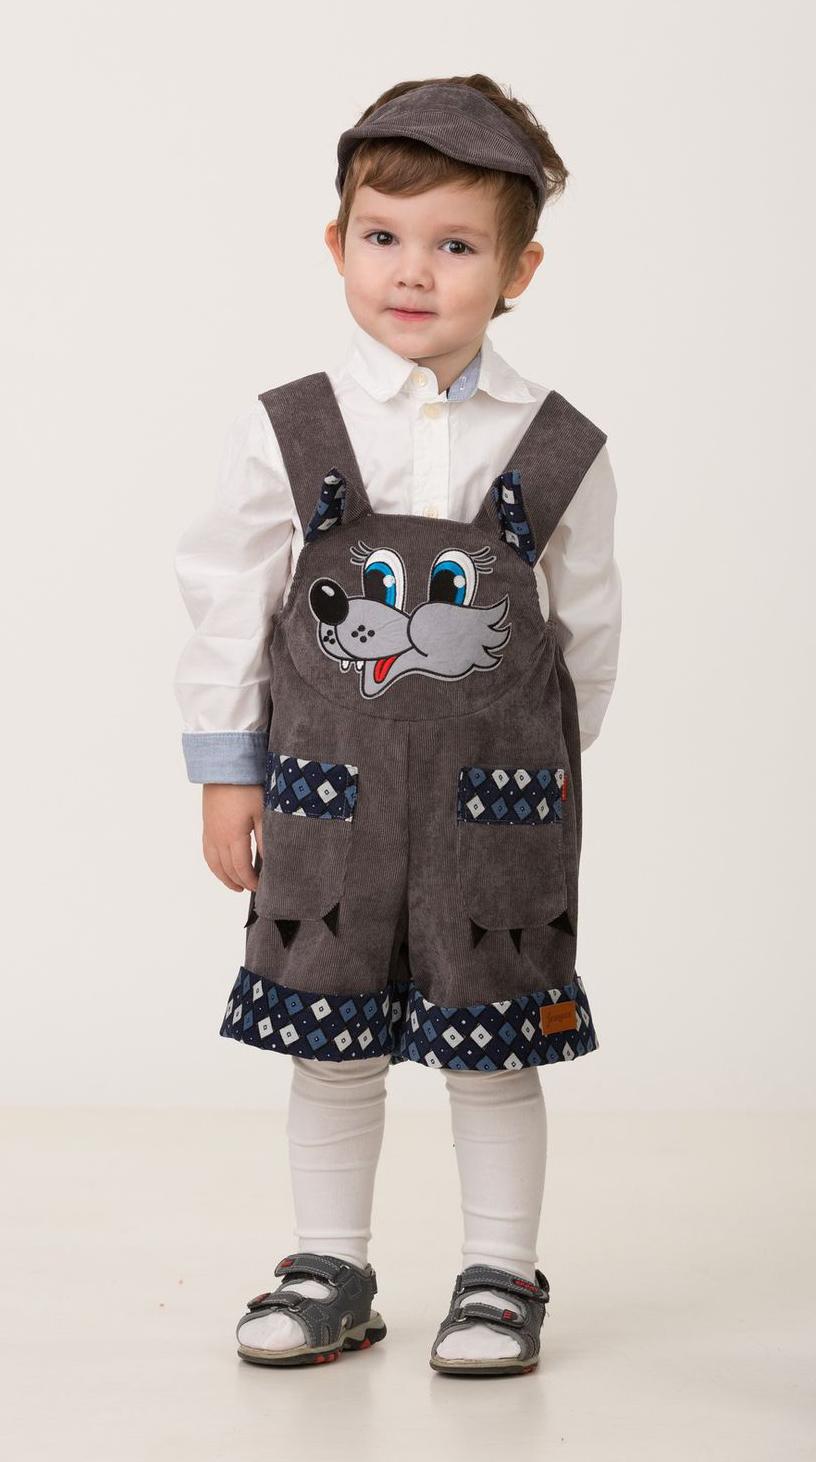 Карнавальный костюм Jeanees Волчонок Крепыш, цвет: тёмно-серый. Размер: 30 карнавальный костюм jeanees зайка капризка цвет голубой размер 30